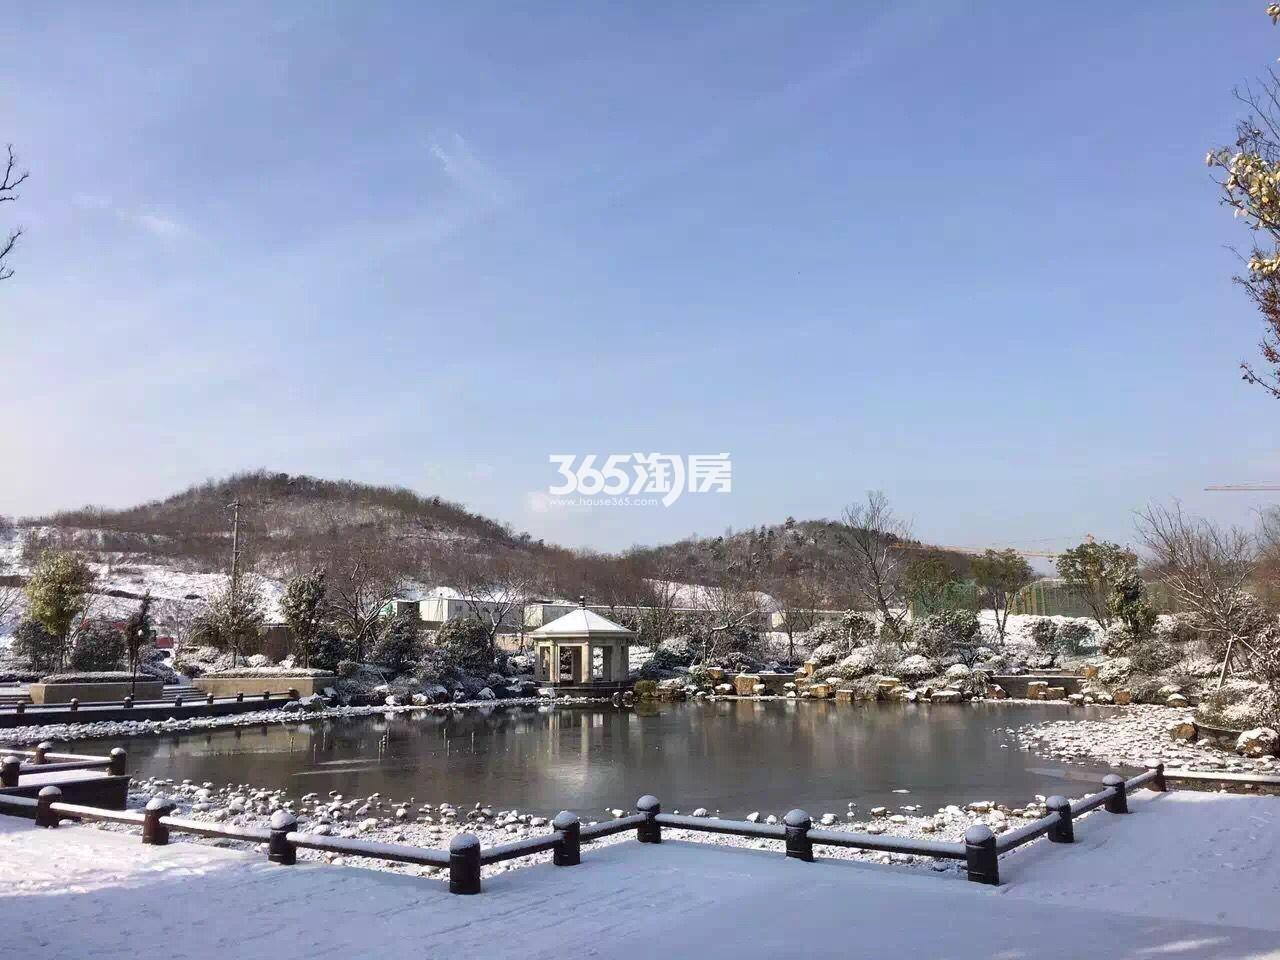 银亿东城售楼处雪景实景图(1.23)